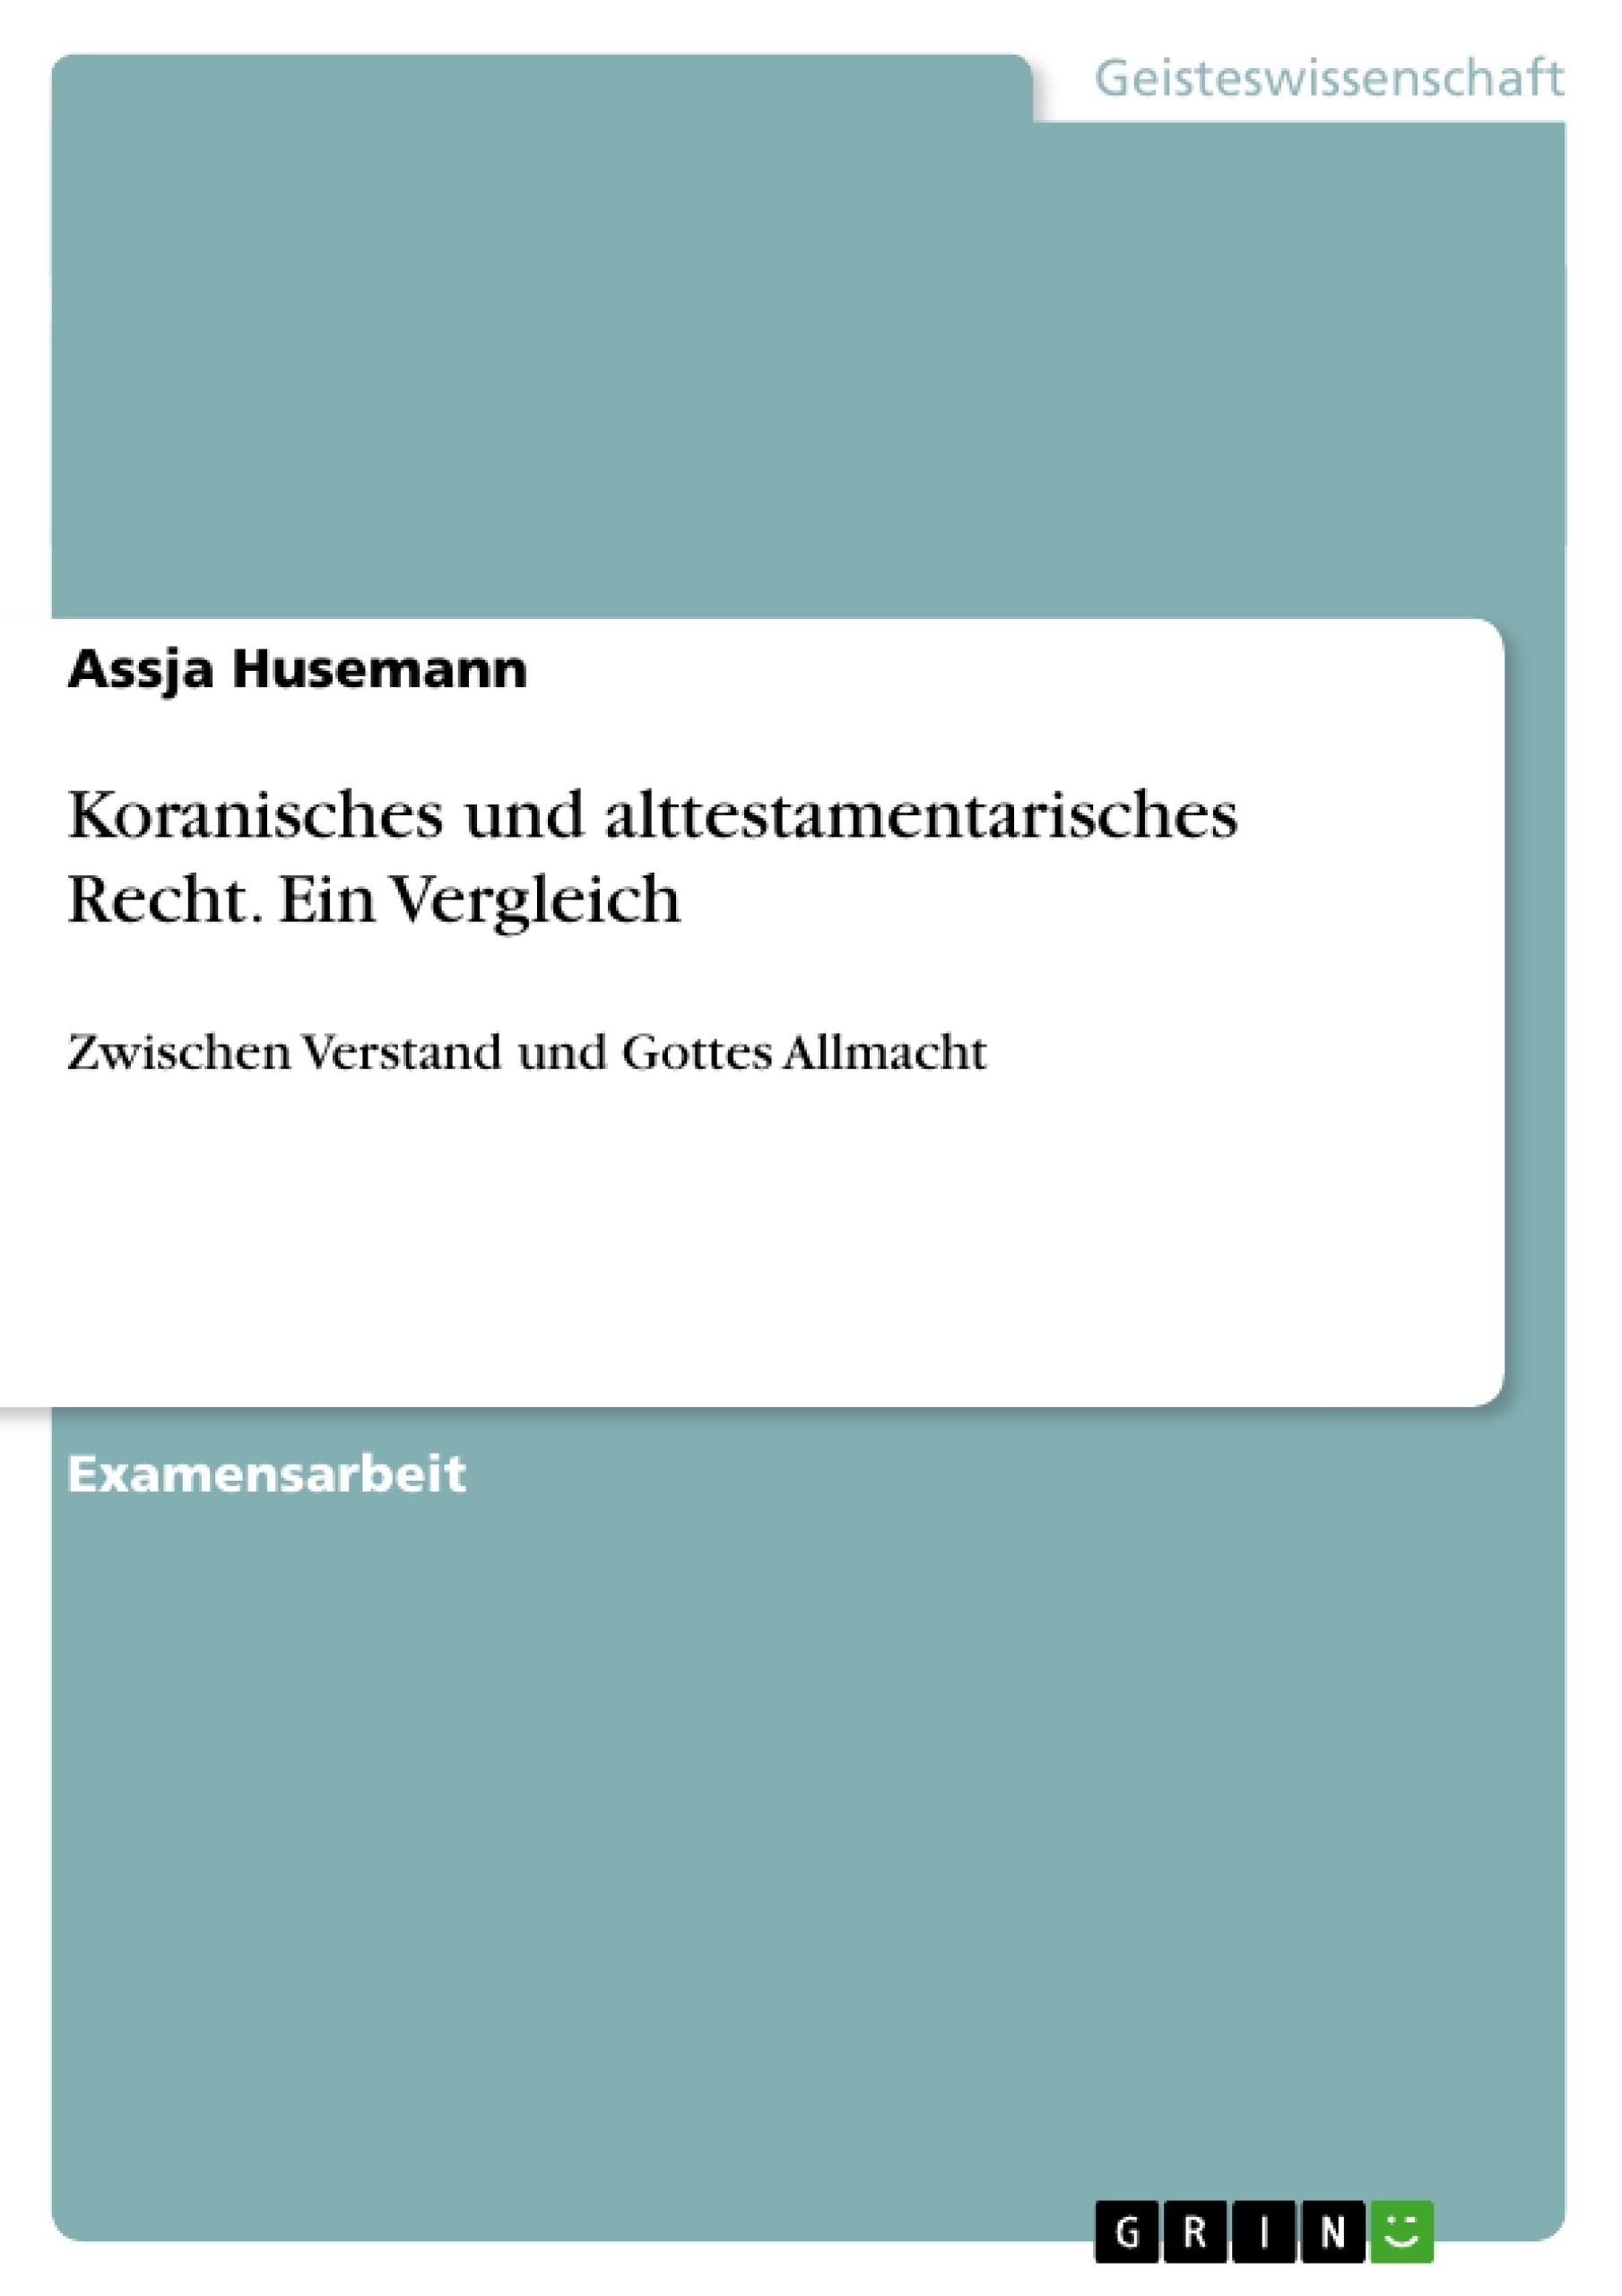 Titel: Koranisches und alttestamentarisches Recht. Ein Vergleich